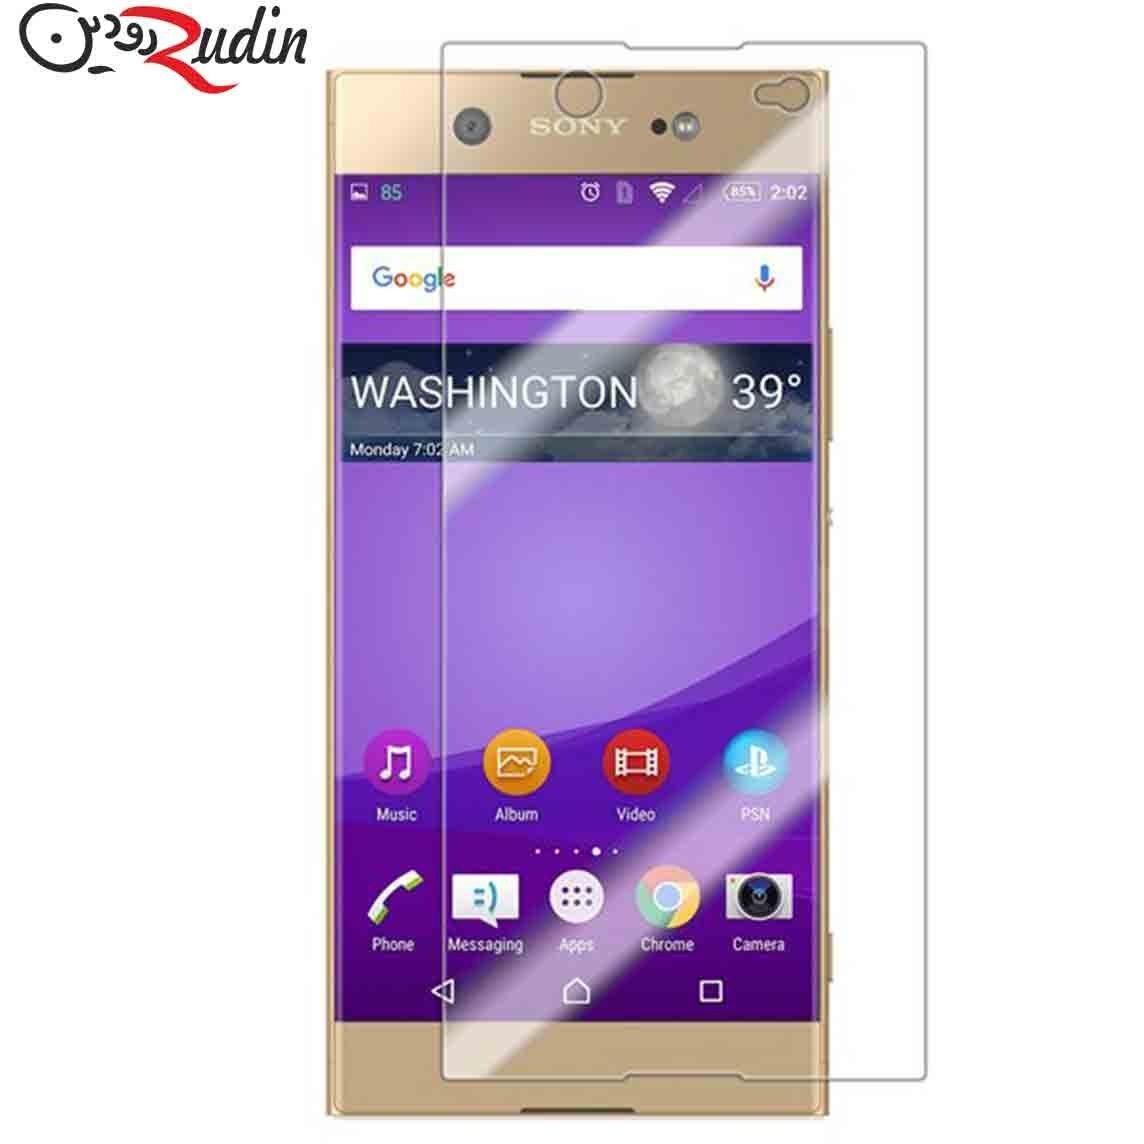 تصویر محافظ صفحه نمایش نیلکین مناسب برای گوشی سونی Experia XA1 Ultra